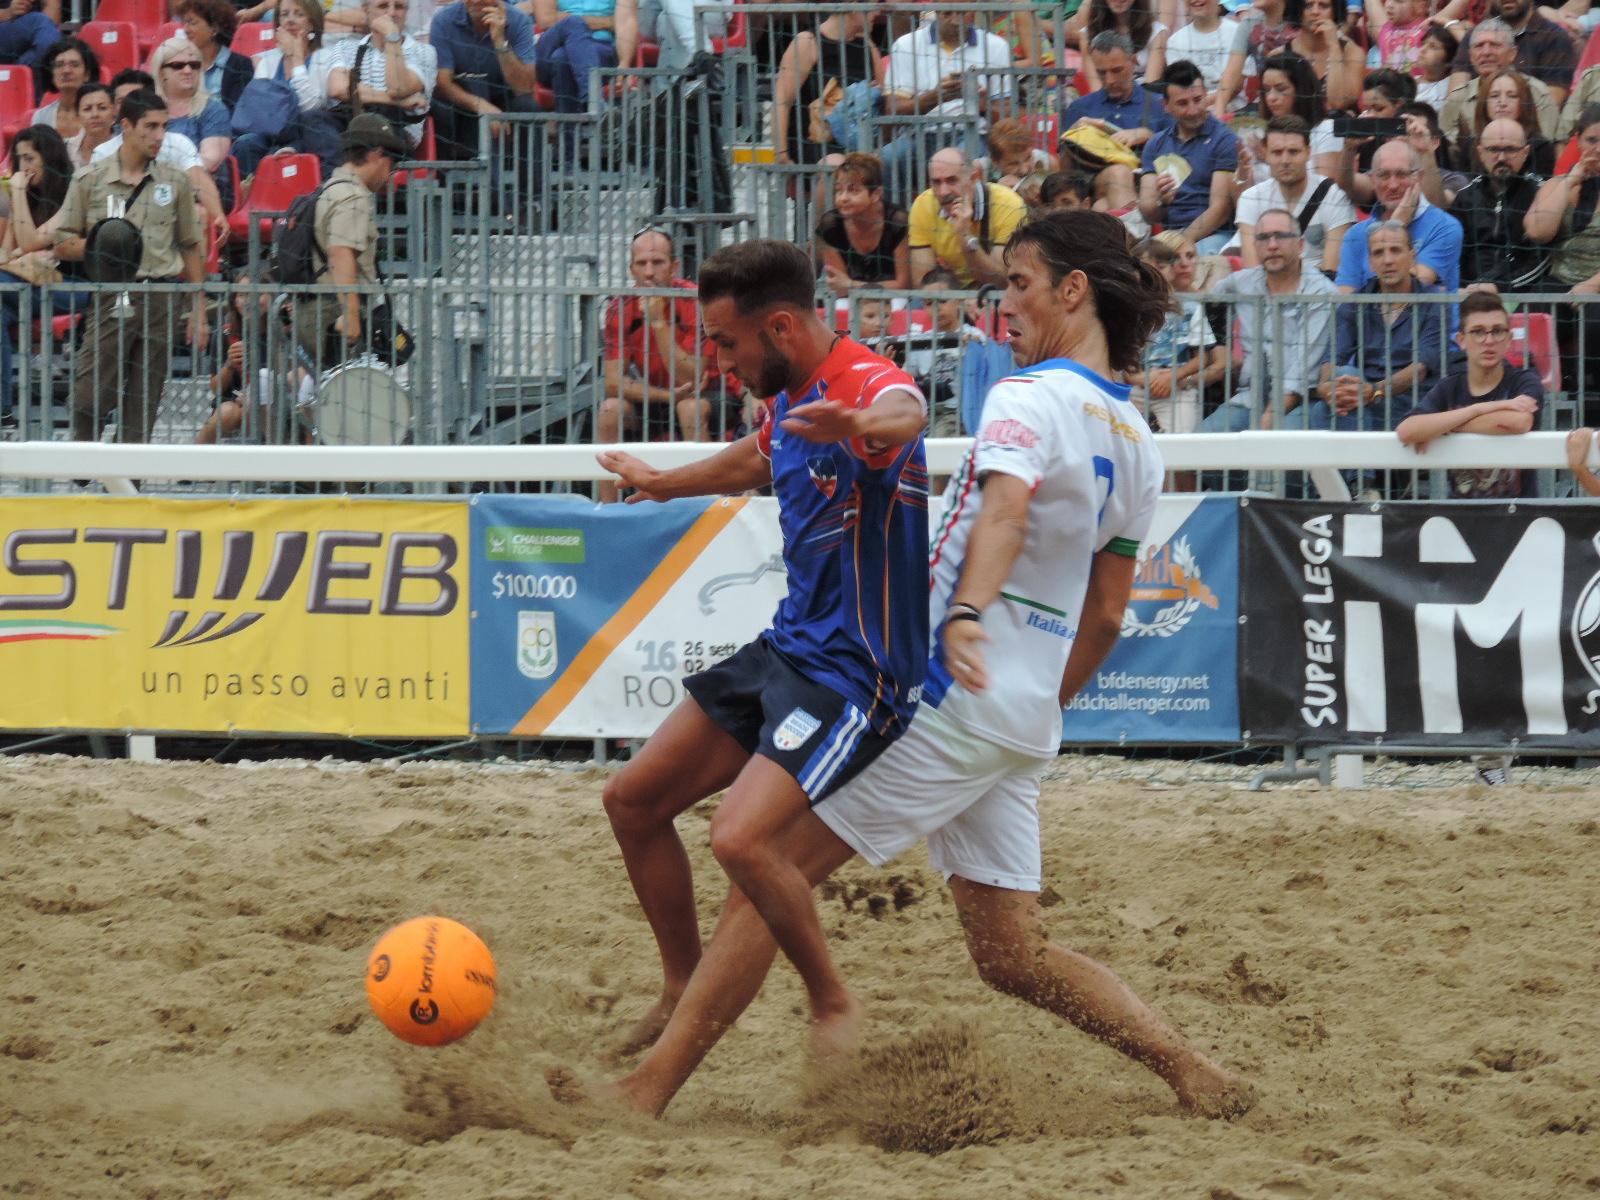 ... Beach Soccer, Maurizio Iorio, organizzatore del torneo che quest'anno  coinvolge otto città italiane facente capo alla Lega Europea Beach Soccer.